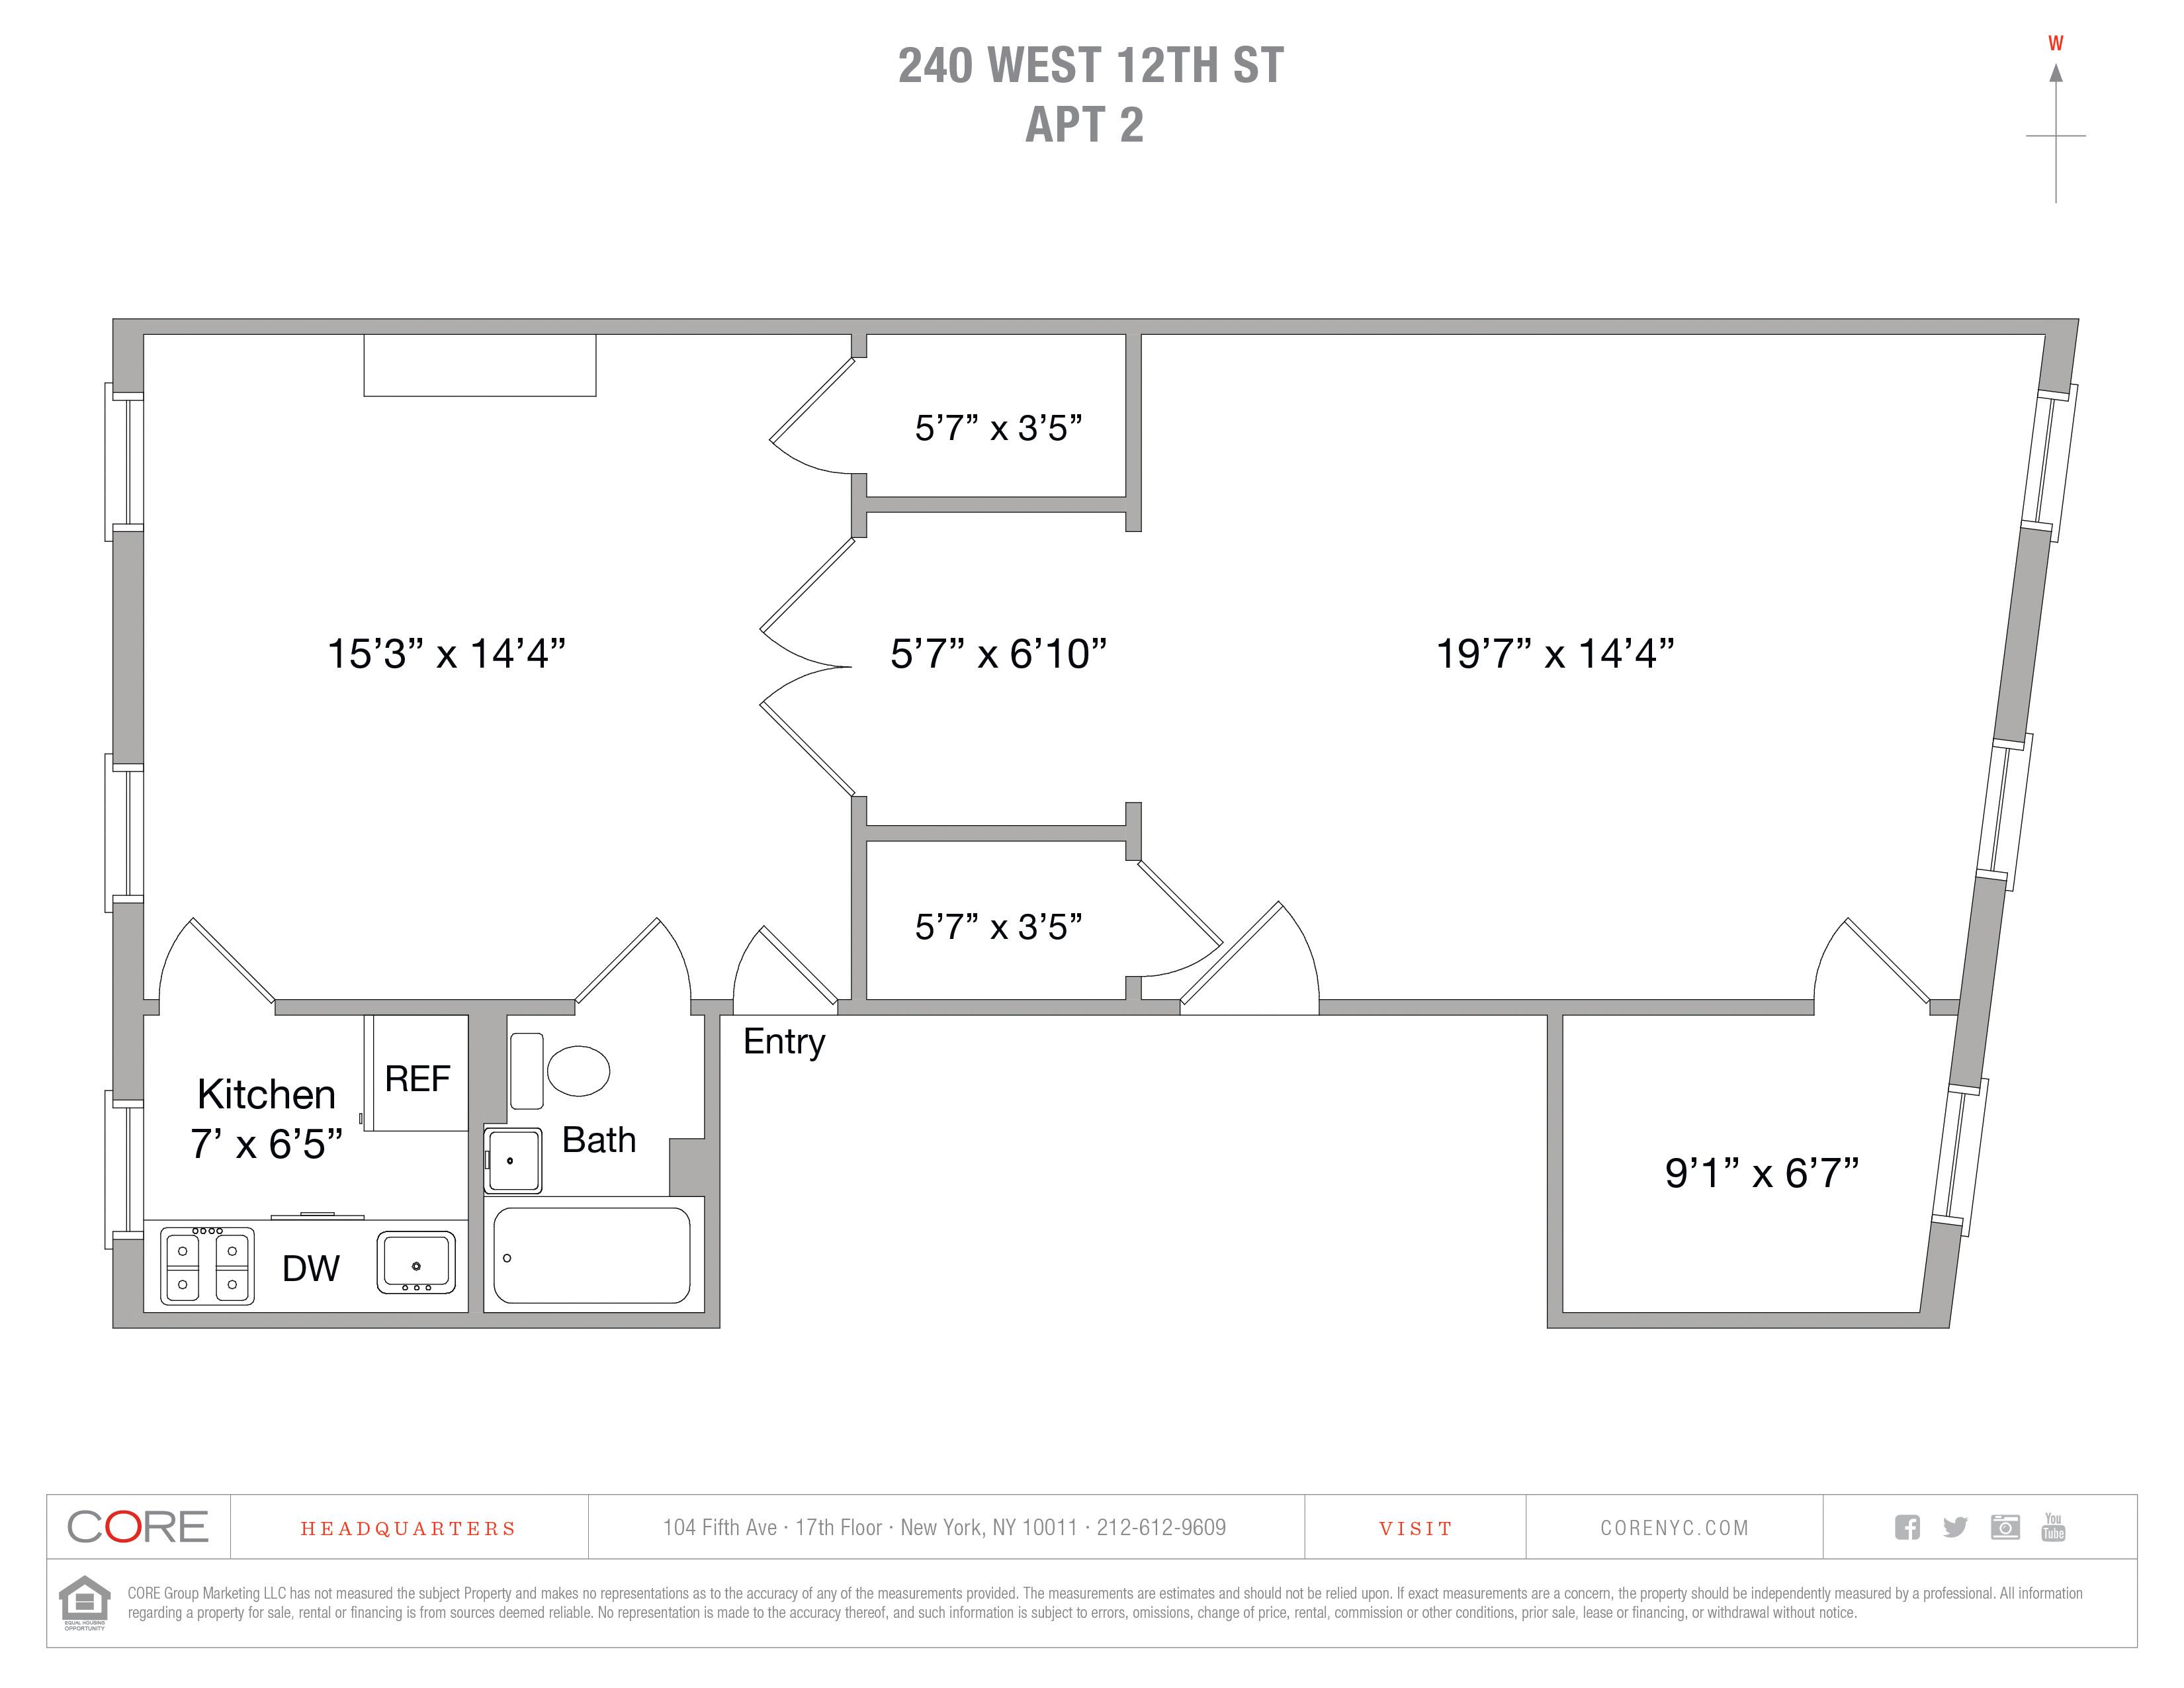 240 West 12th St. 2, New York, NY 10014